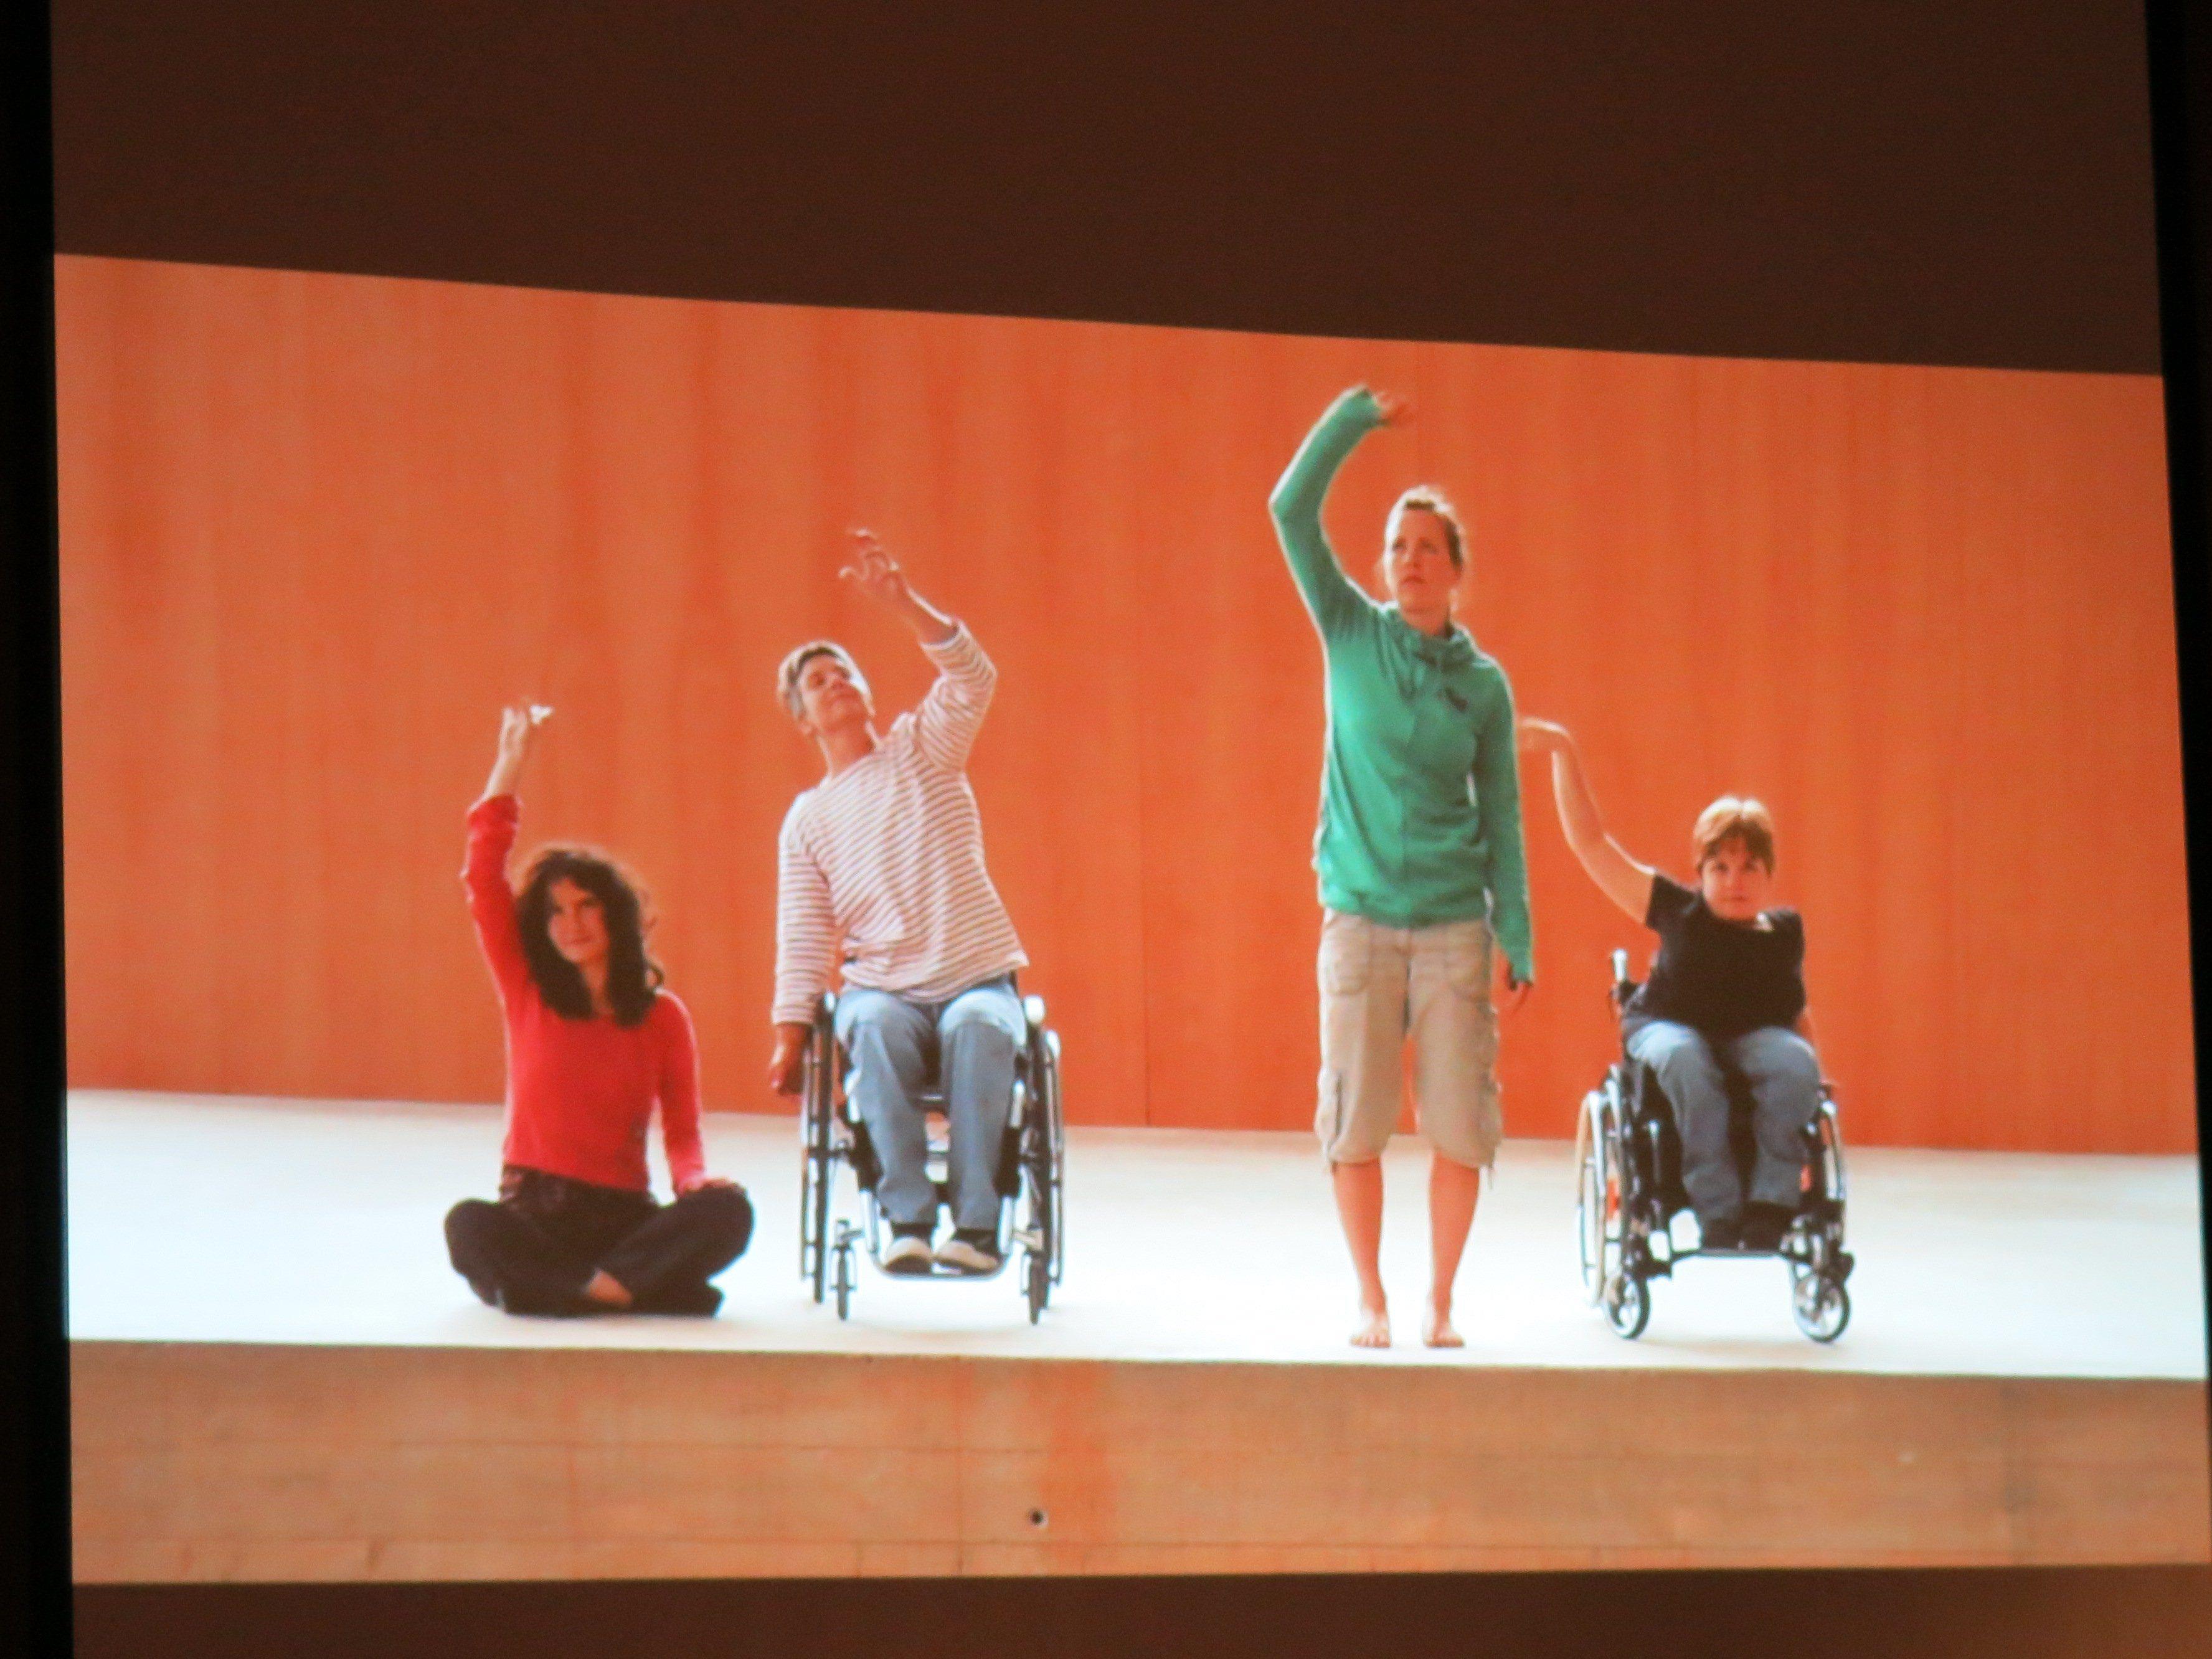 Initiative für mehr körperliche Vielfalt im zeitgenössischen Tanz